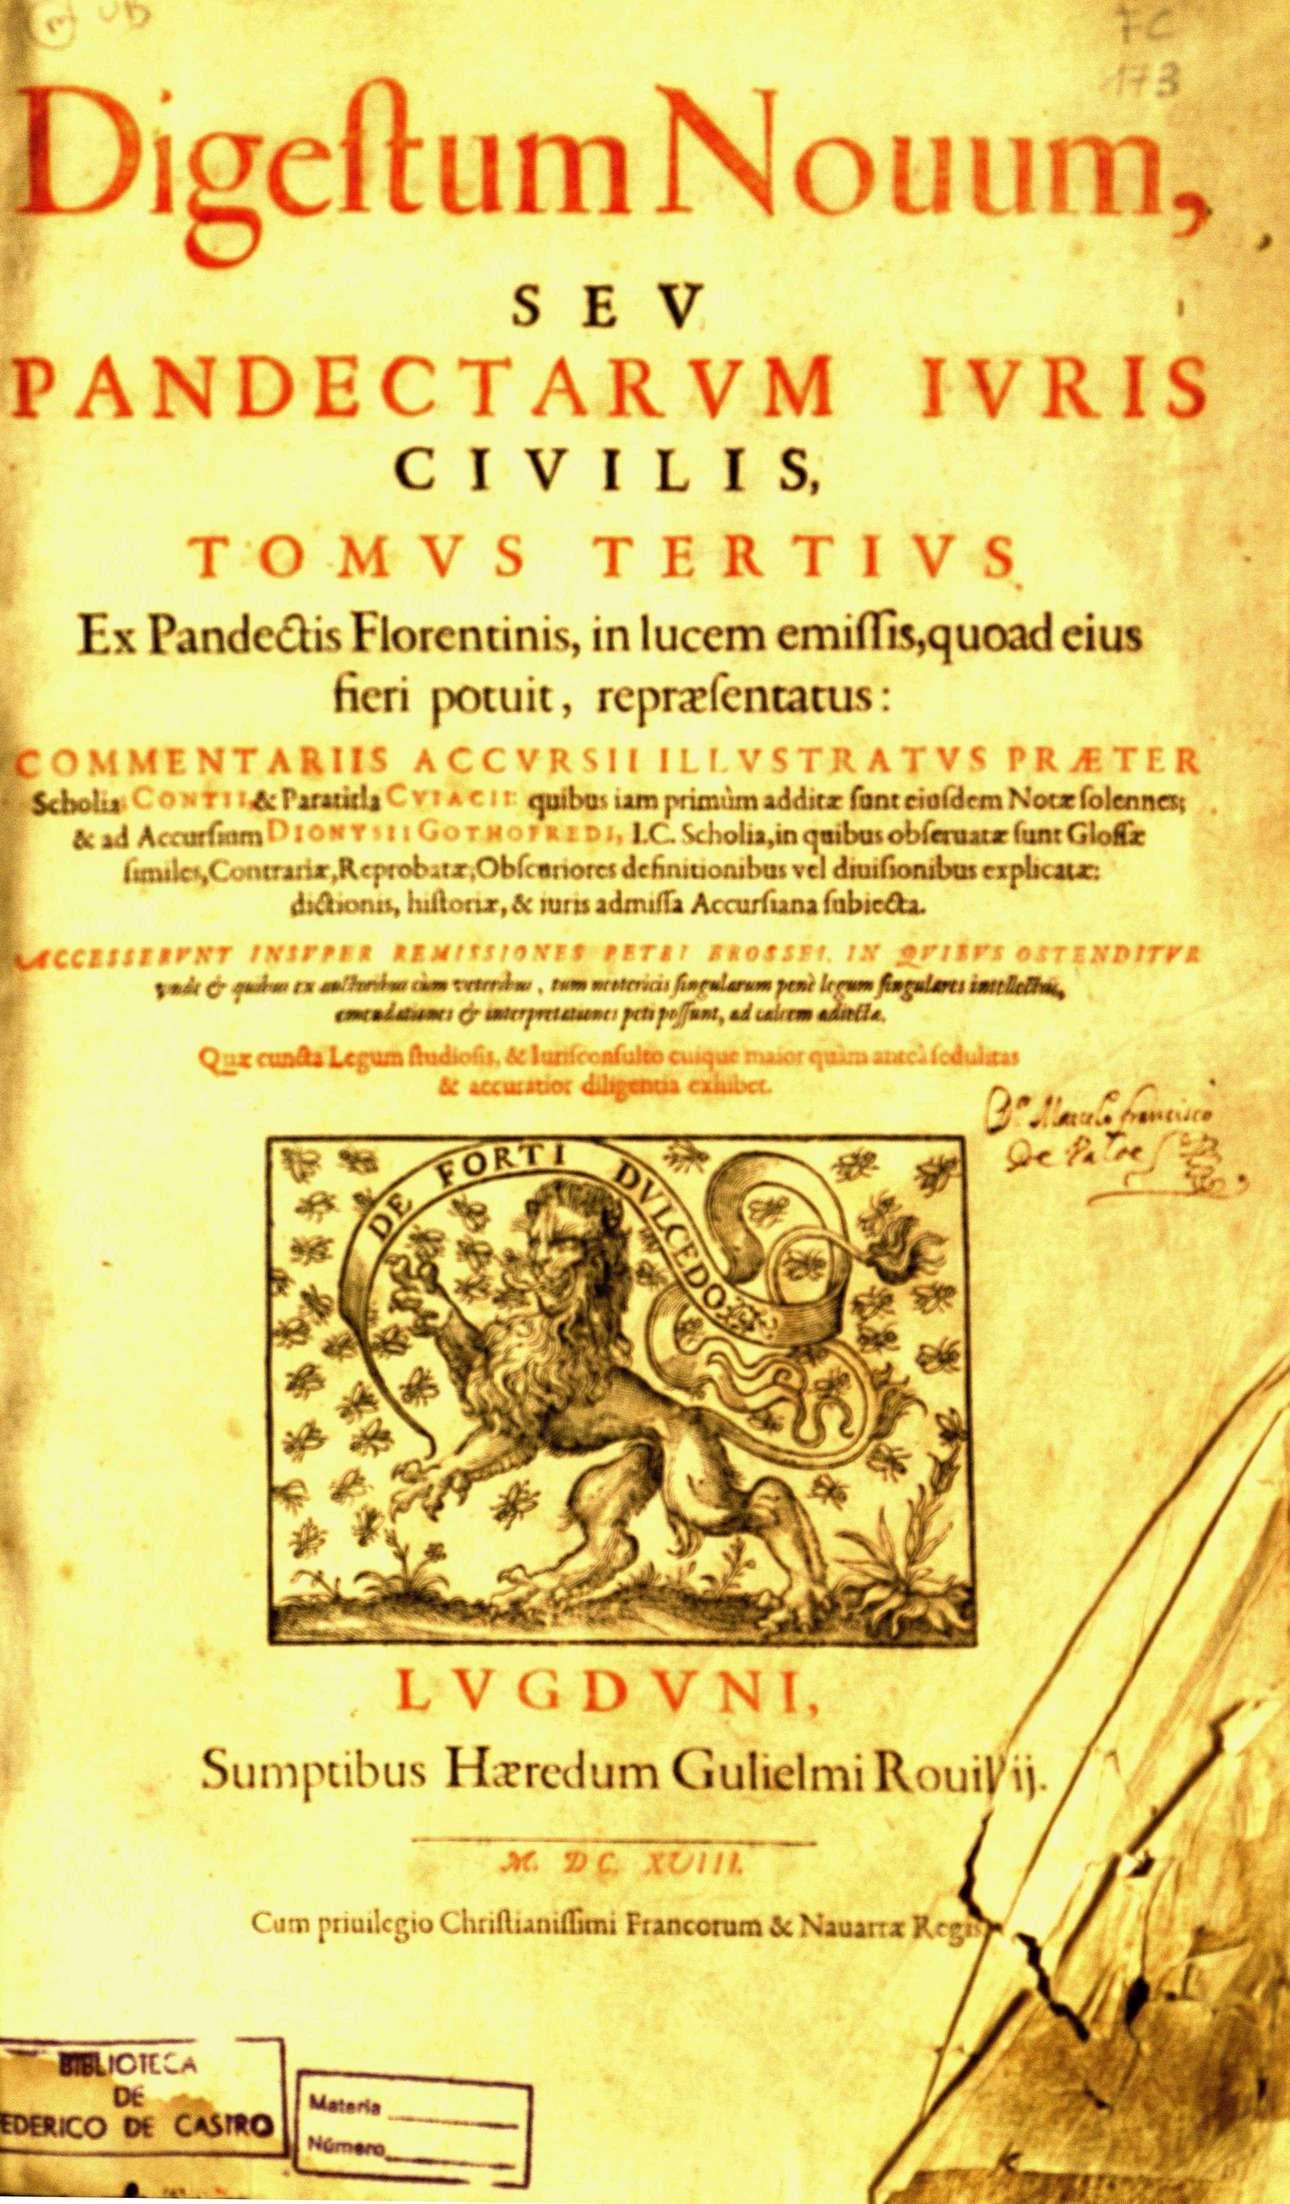 Digestum novum seu Pandectarum iuris civilis. Tomus Tertius, 1618